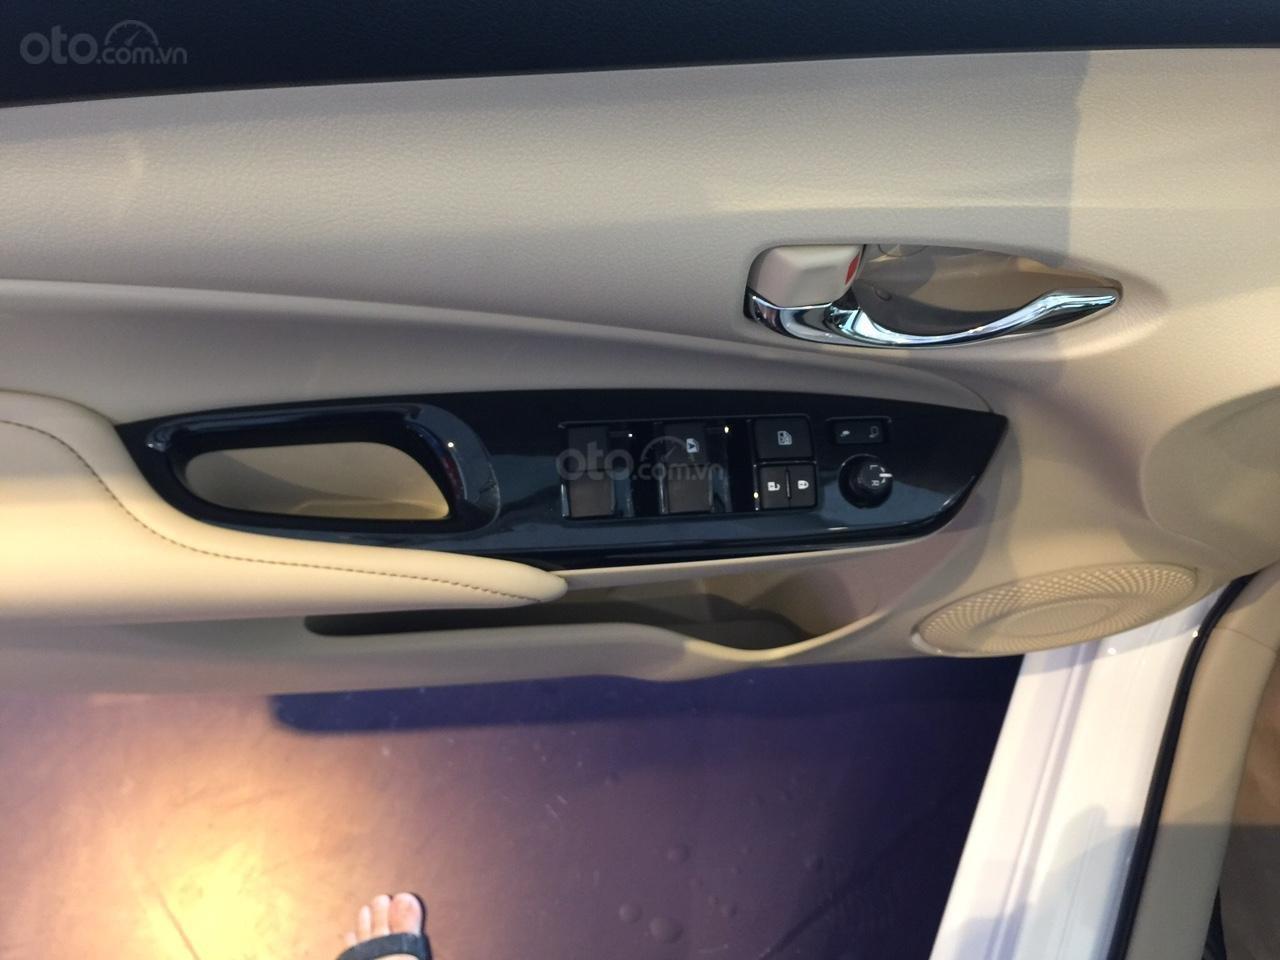 Giá xe Toyota Vios 1.5G 2019, giảm sập sàn, tặng bảo hiểm thân vỏ, hỗ trợ trả góp, chi tiết LH ngay 0978835850-4